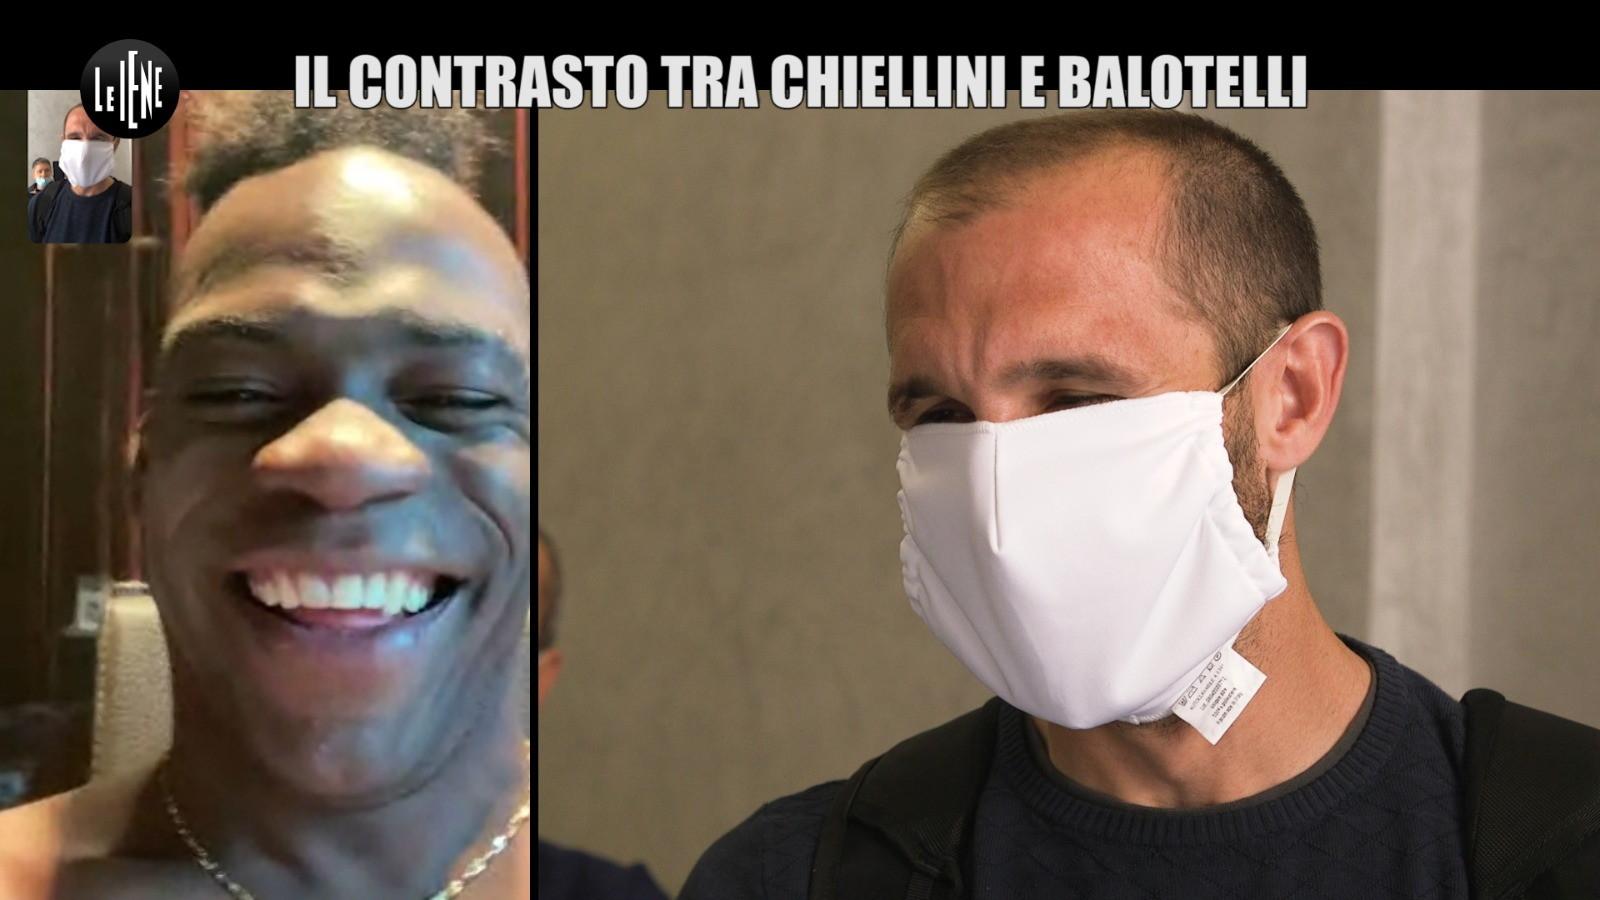 Dopo le polemiche incrociate (&quot;Balotelli persona negativa&quot;, &quot;Chiellini poteva dirmelo in faccia da uomo&quot;) scoppia la pace tra attaccante e difensore in una videochiamata a Le Iene.<br /><br />